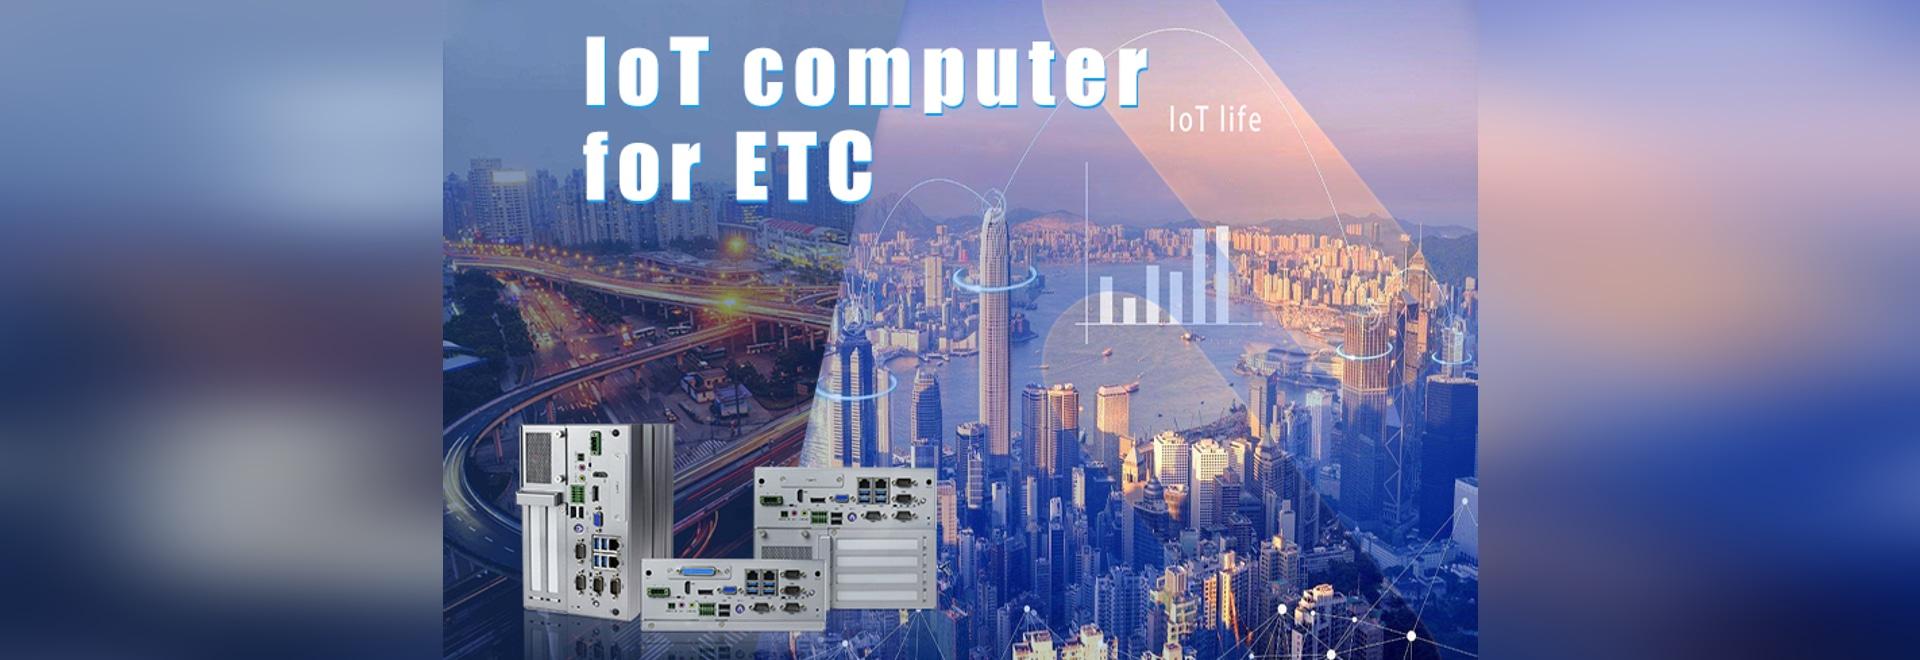 JHC's eingebetteter IoT-Computer für ETC von Expessway